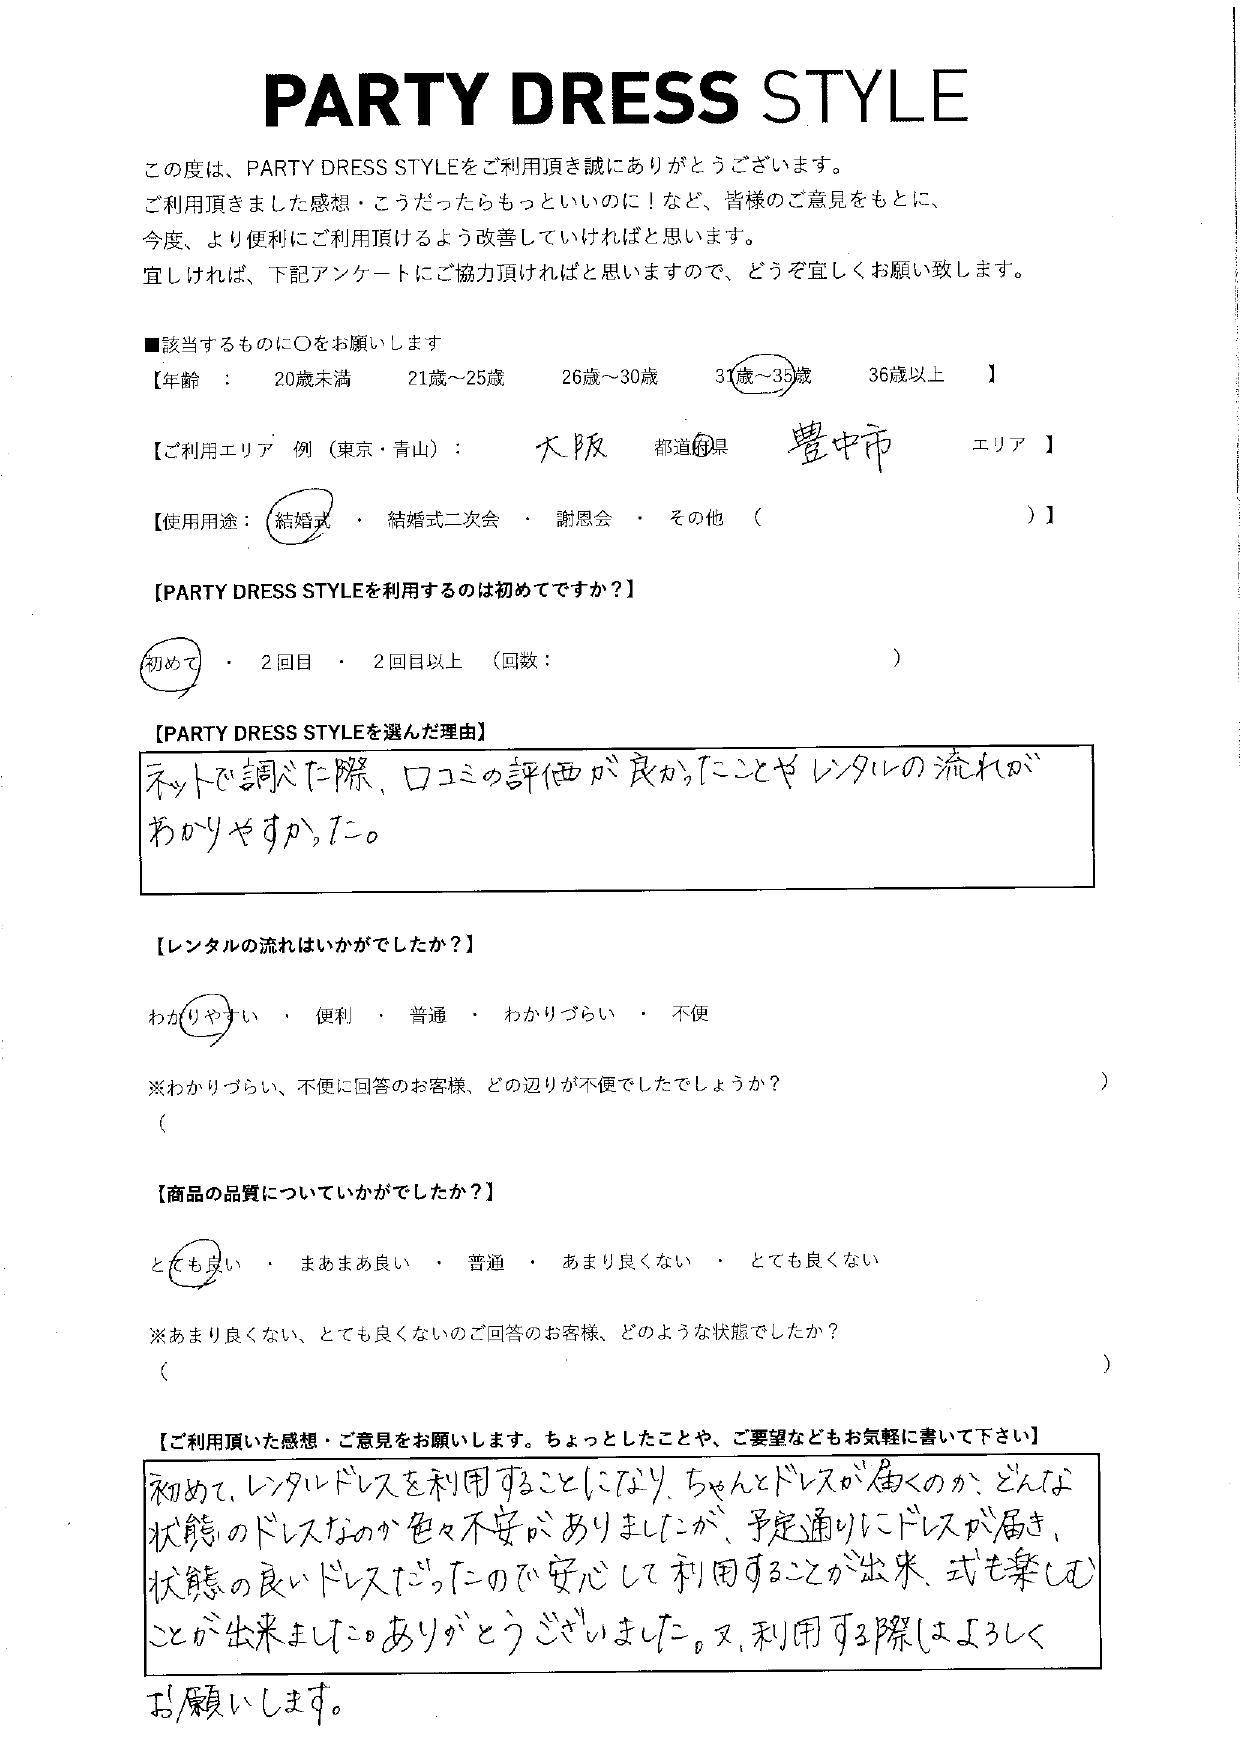 11/15結婚式ご利用 大阪・豊中エリア